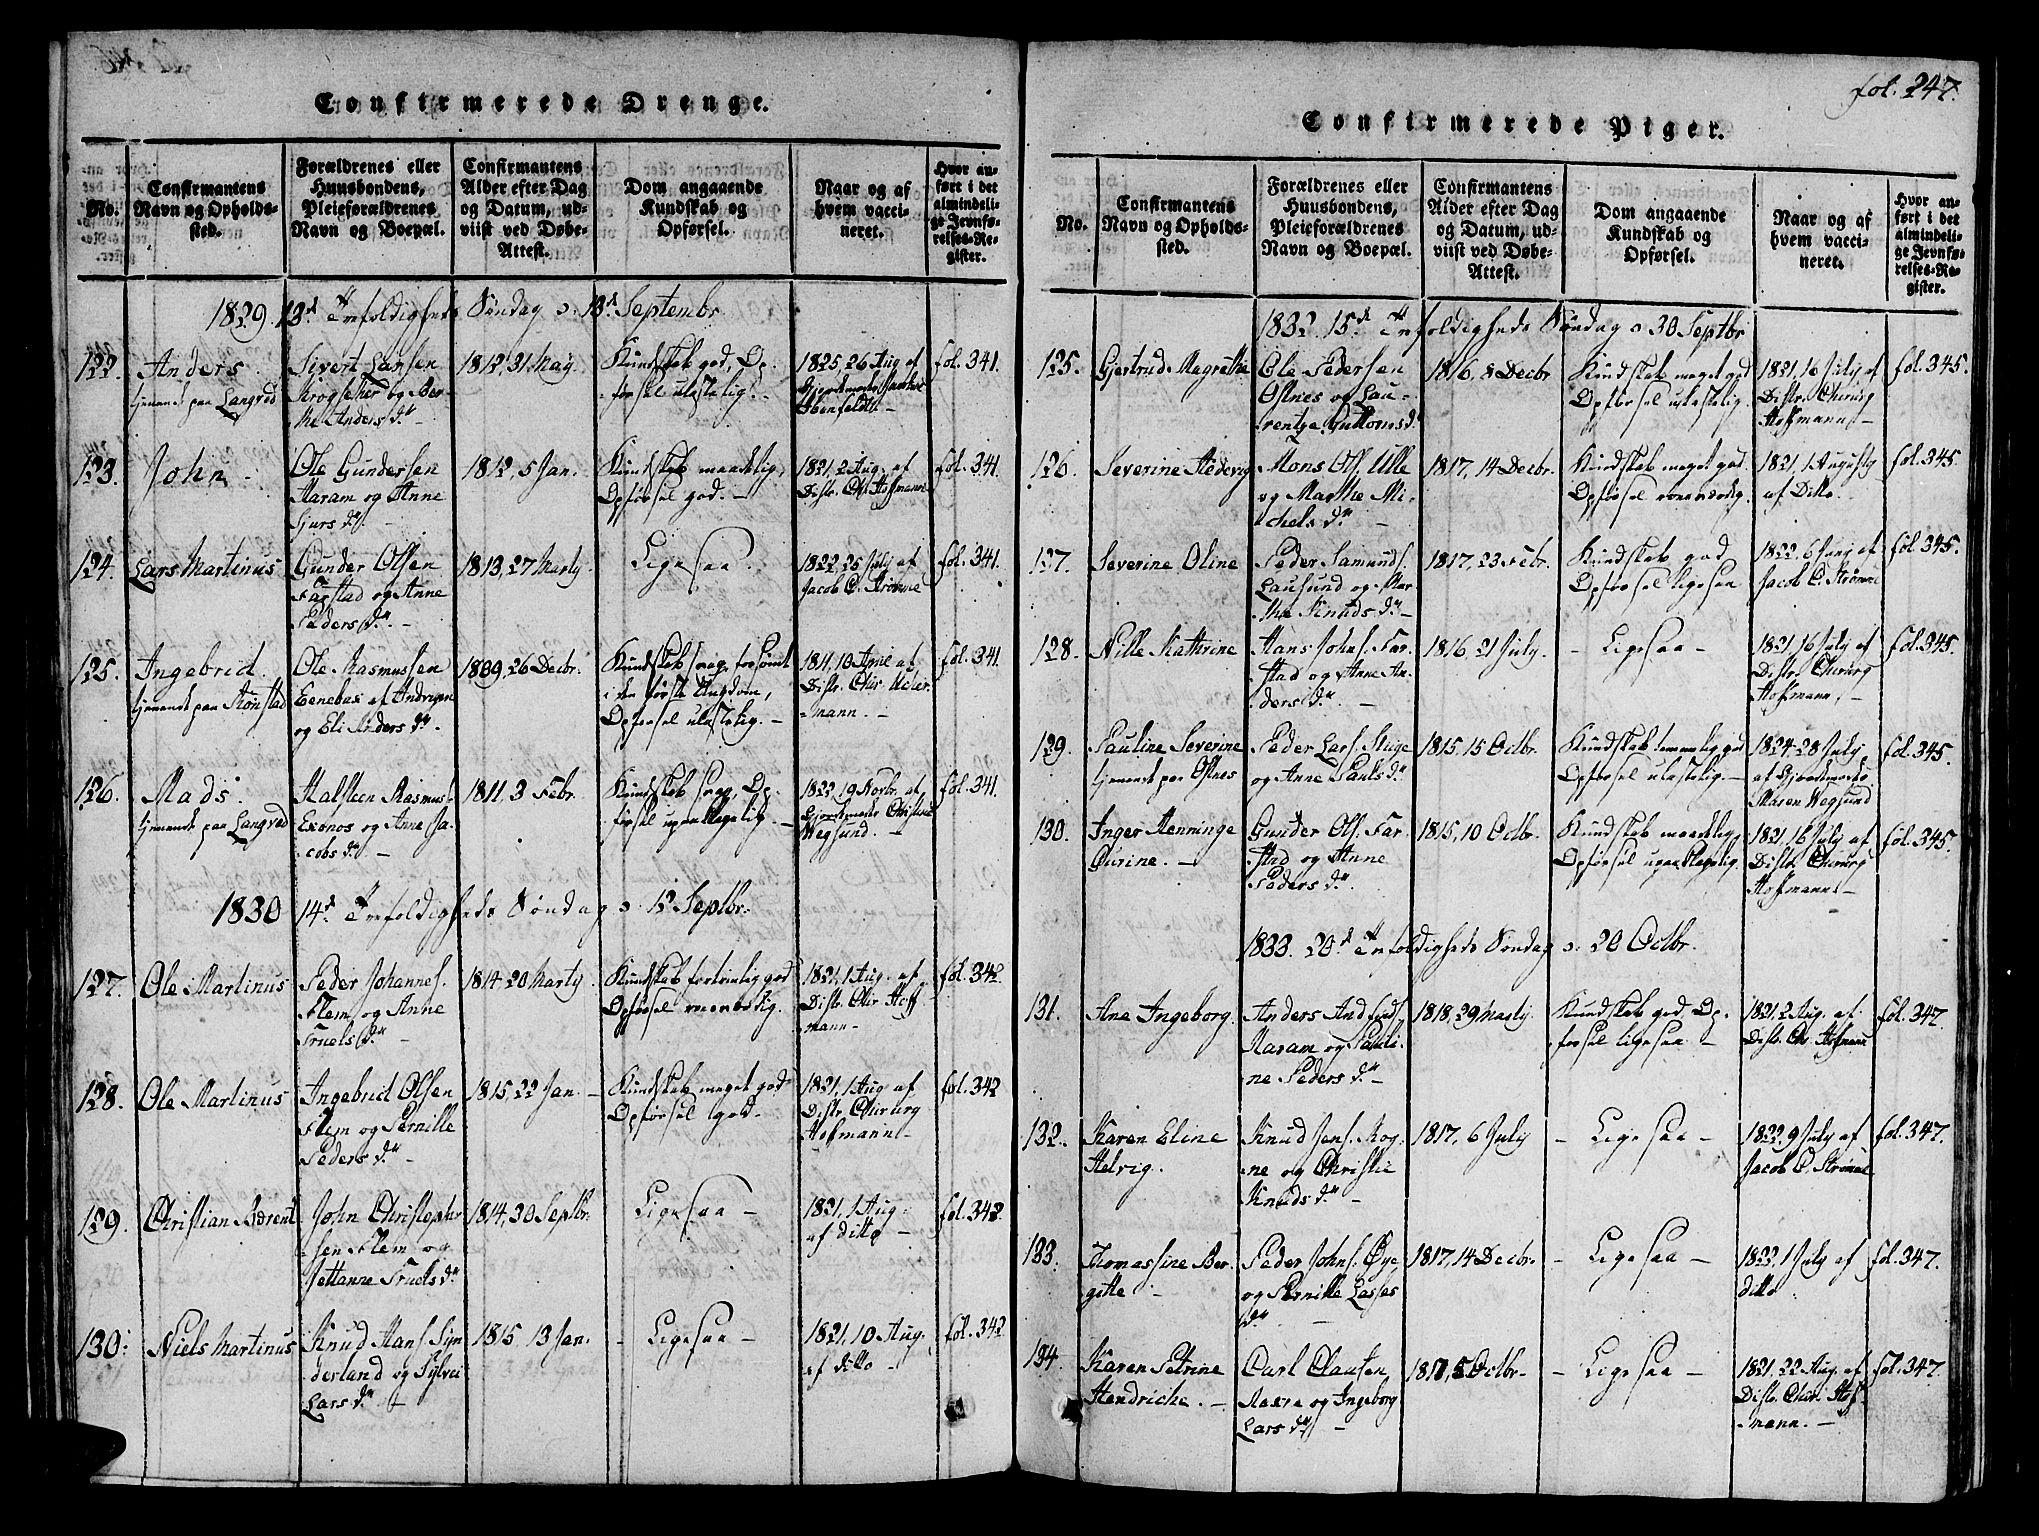 SAT, Ministerialprotokoller, klokkerbøker og fødselsregistre - Møre og Romsdal, 536/L0495: Ministerialbok nr. 536A04, 1818-1847, s. 247